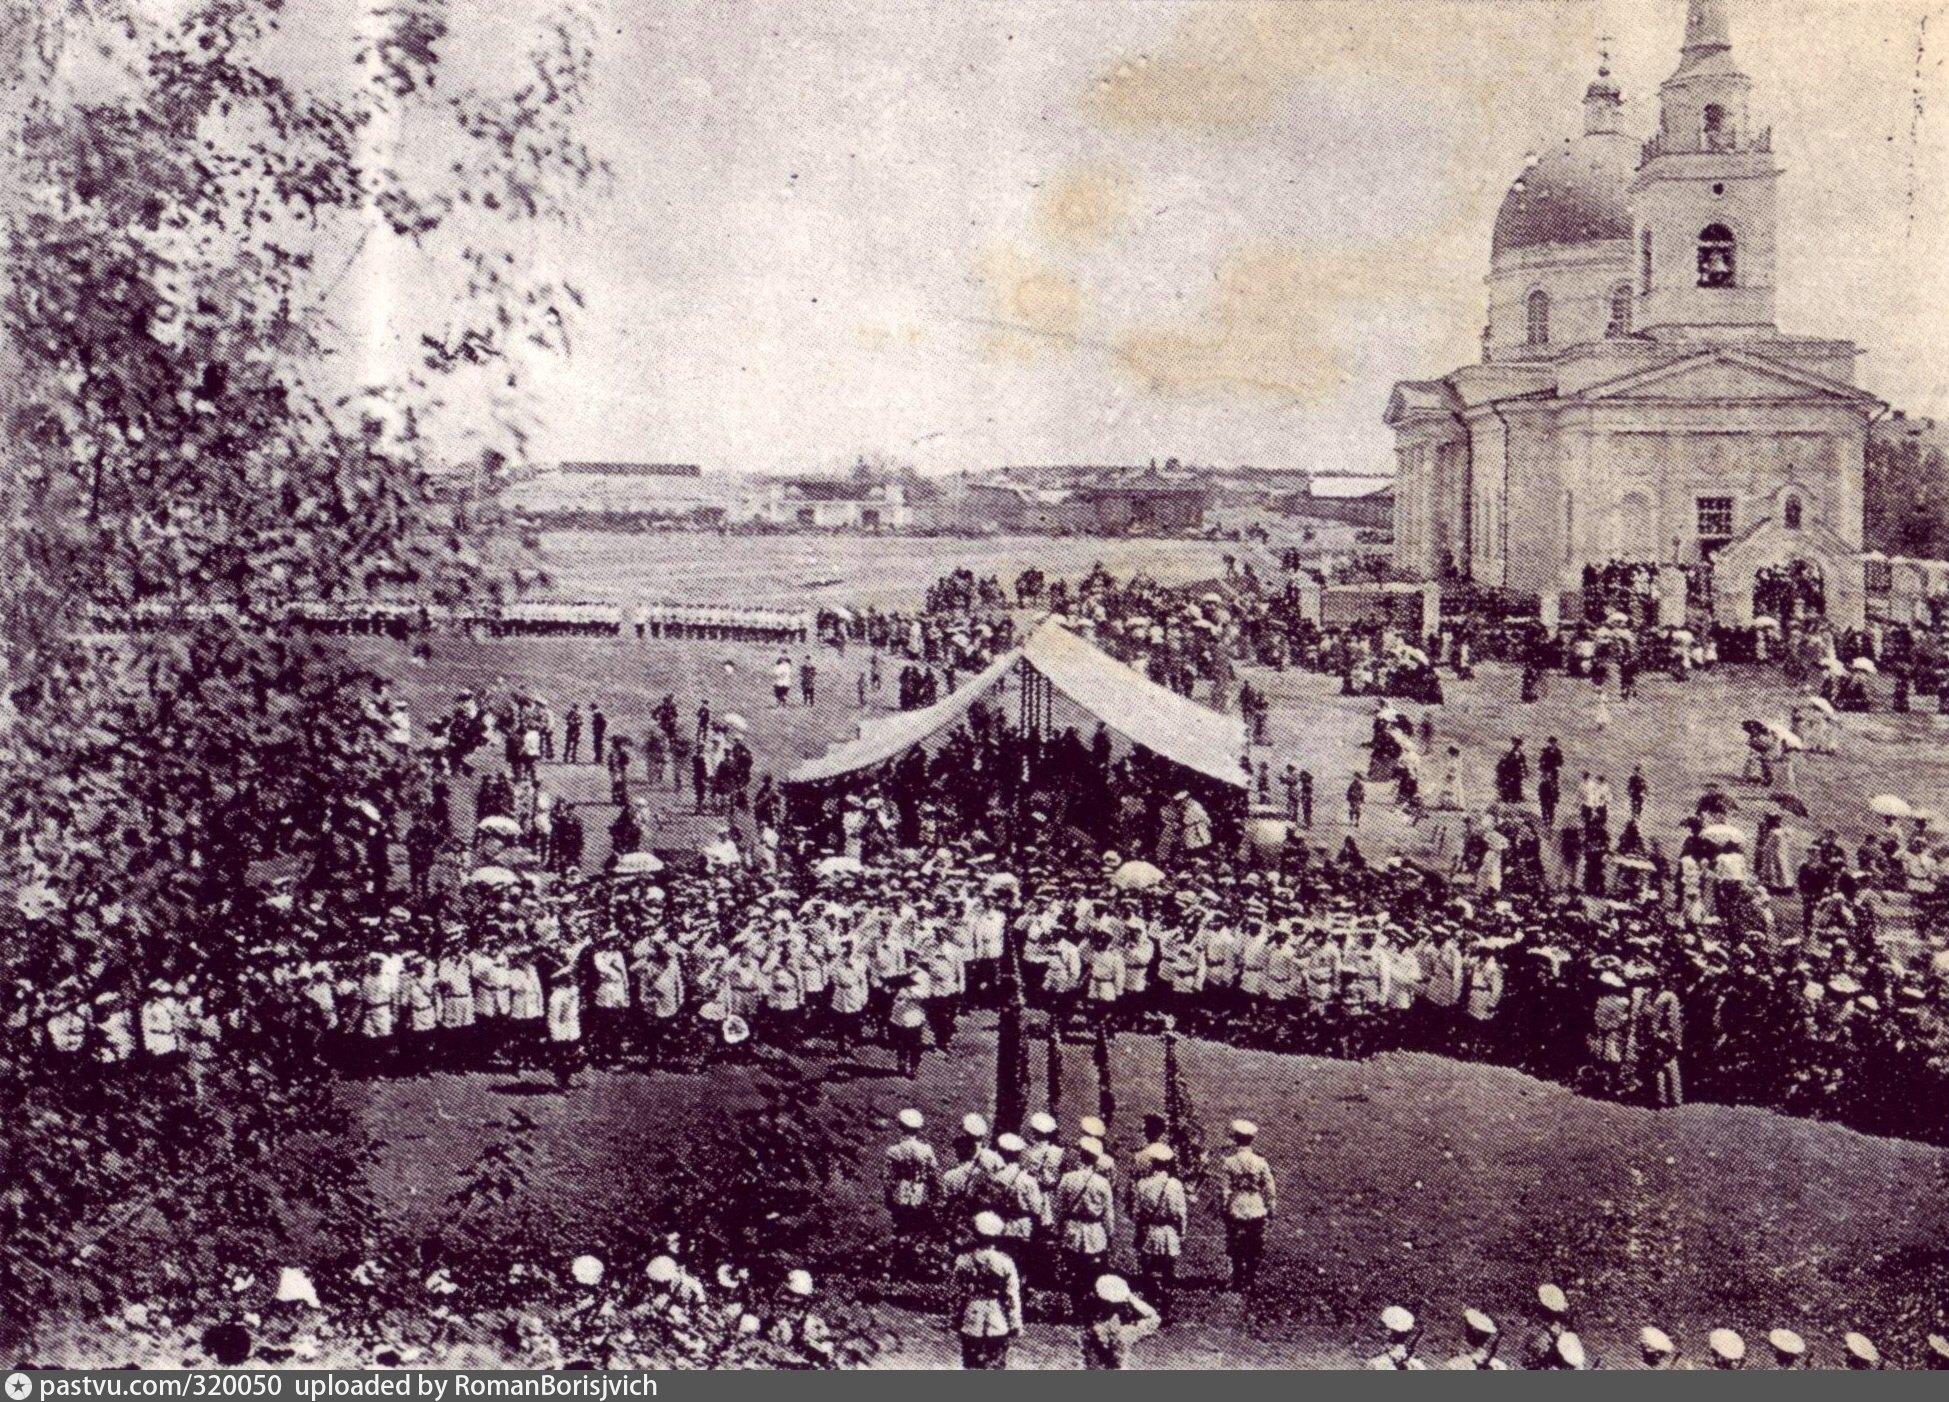 Торжество приёма Сибирским казачьим войском Георгиевского Знамени, высочайше пожалованного 6 декабря 1903 года. май 1904